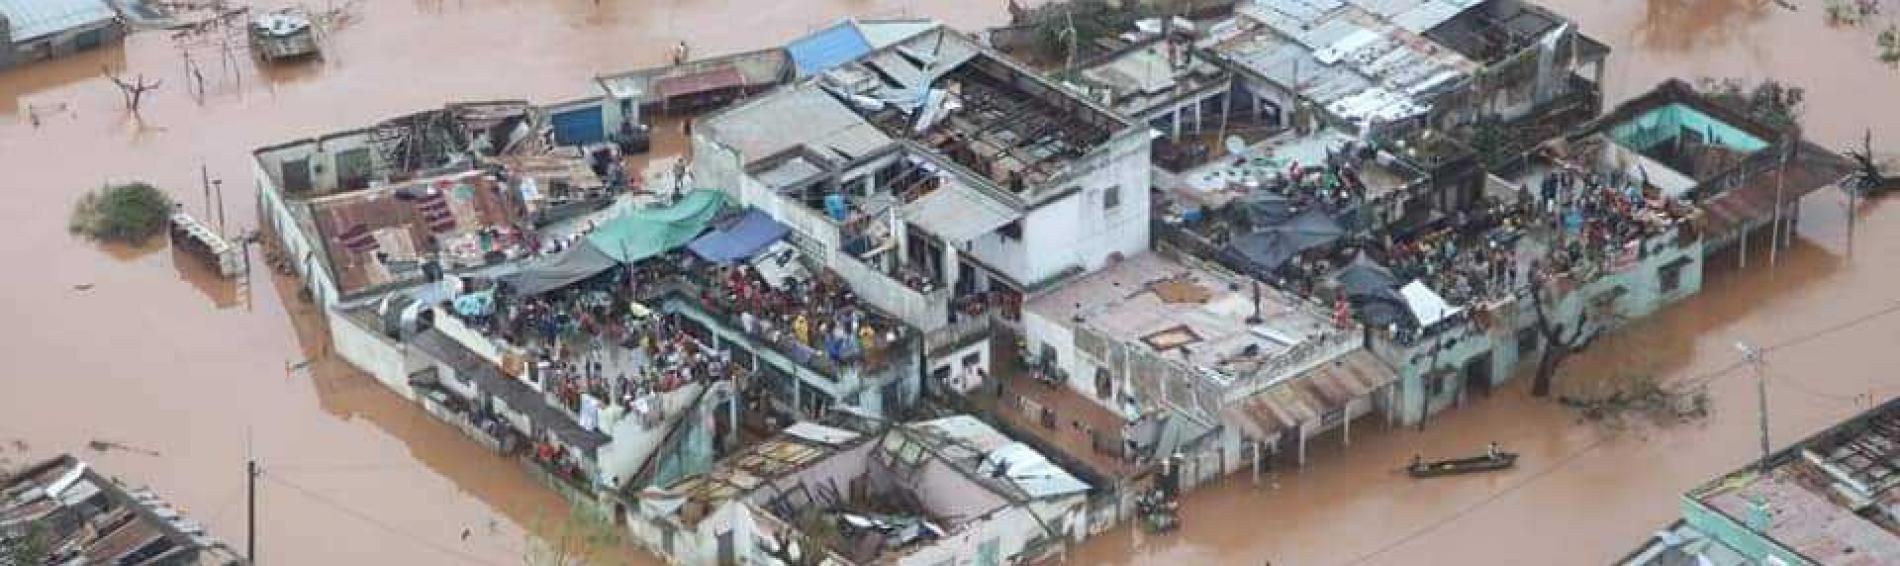 Zona inundada en la región afectada por el paso del ciclón Idai